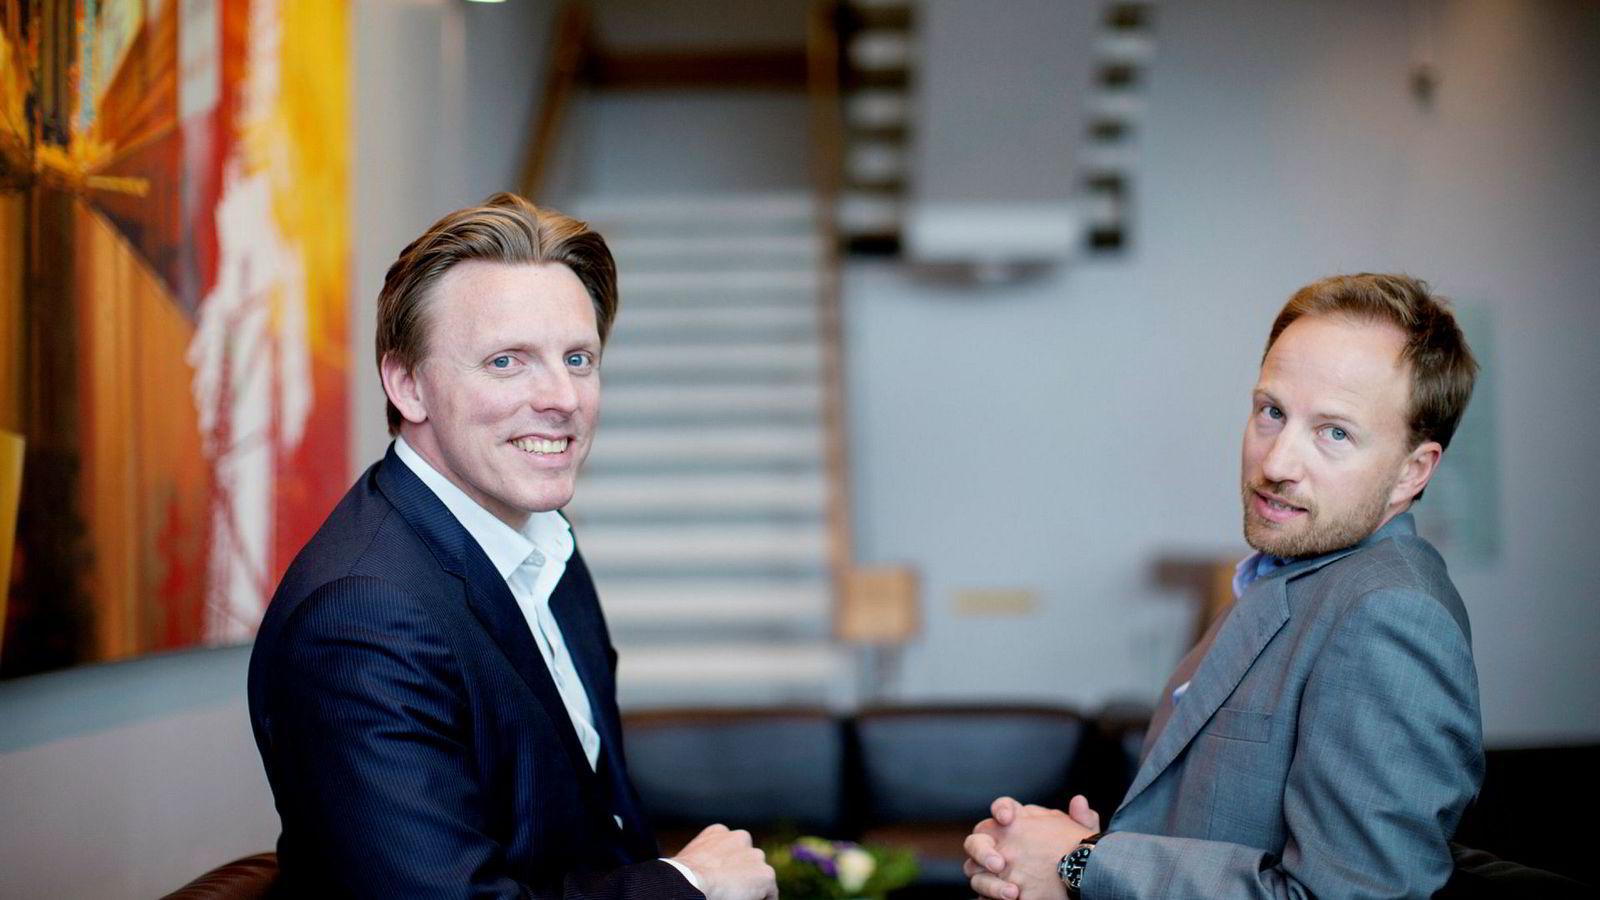 – Vi planlegger å investere mer i våre egne fond, sier toppsjef Christian Sinding i EQT (til høyre). Her med kollega og norgessjef Anders Misund på kontoret i Oslo.